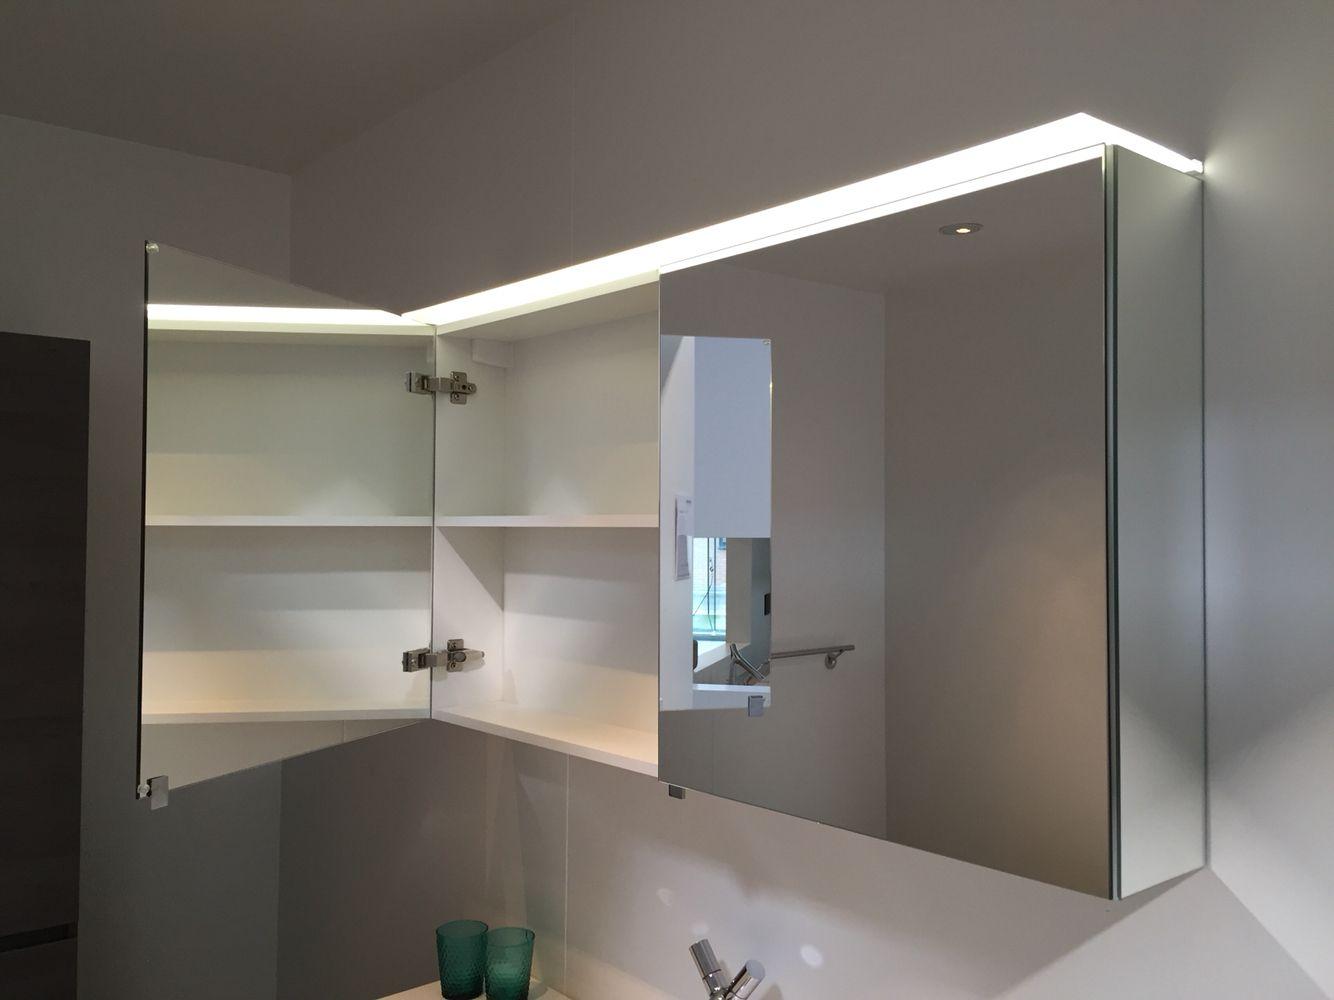 Trendy draaideur spiegelkast 12 of 16 cm diep breedte 60 tot 140 cm per - Matelas dunlopillo trendy room 24 ...